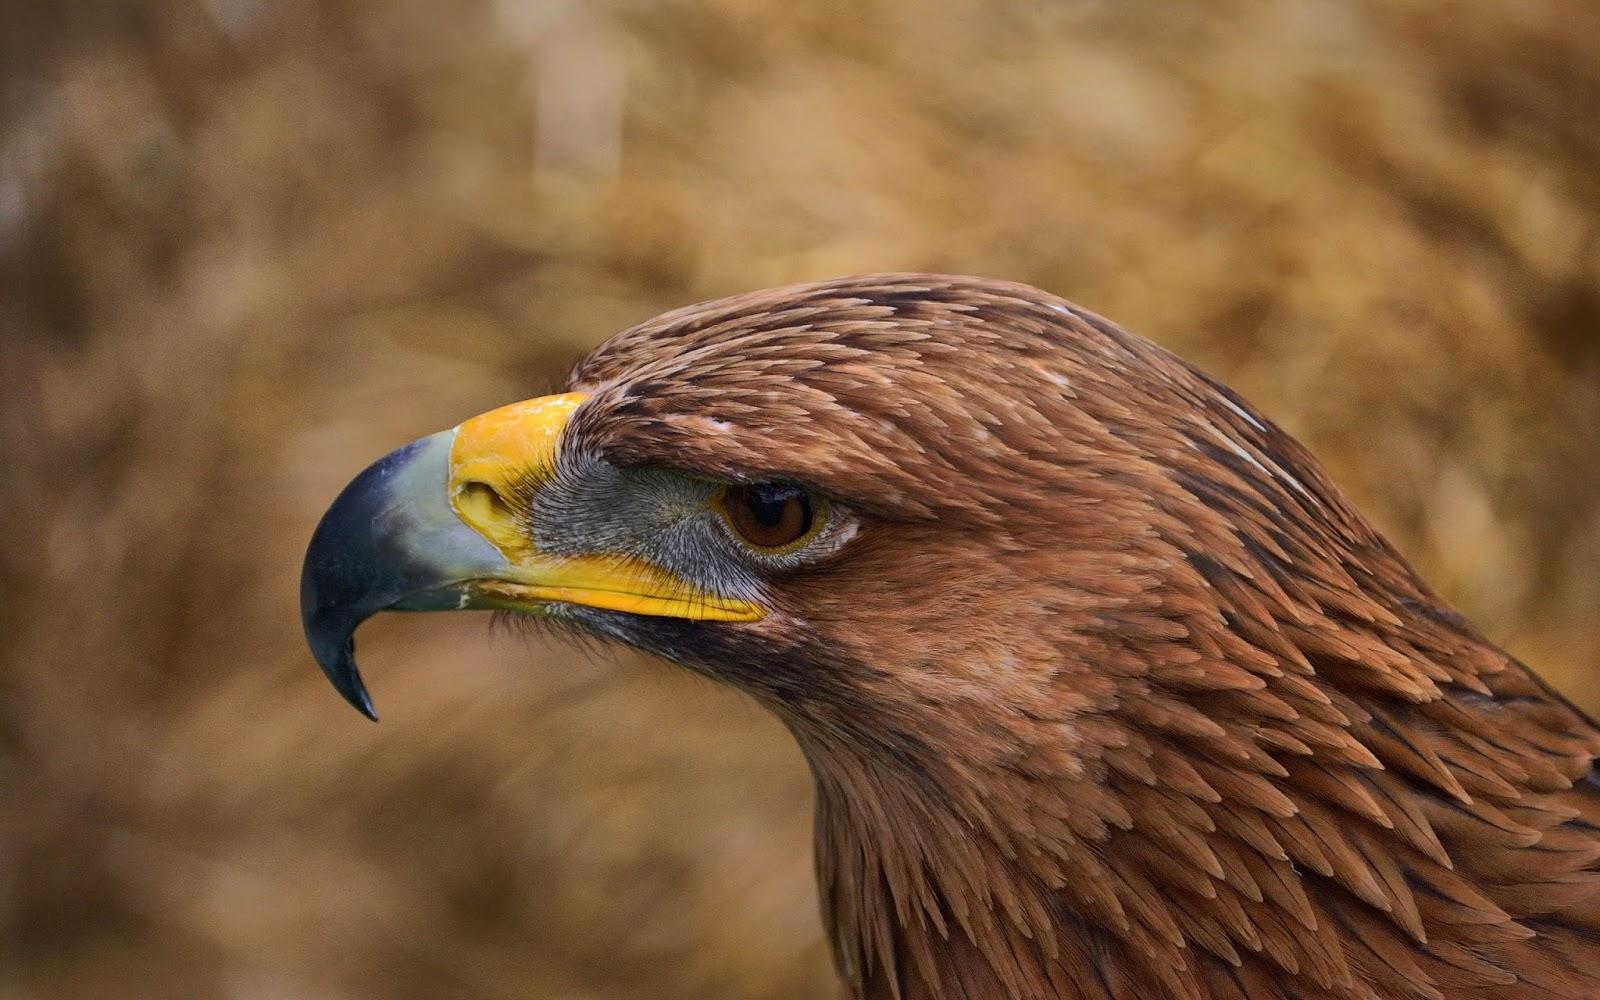 Fondo de Pantalla Animales Aguila de color marron | Fondo Pantalla ...